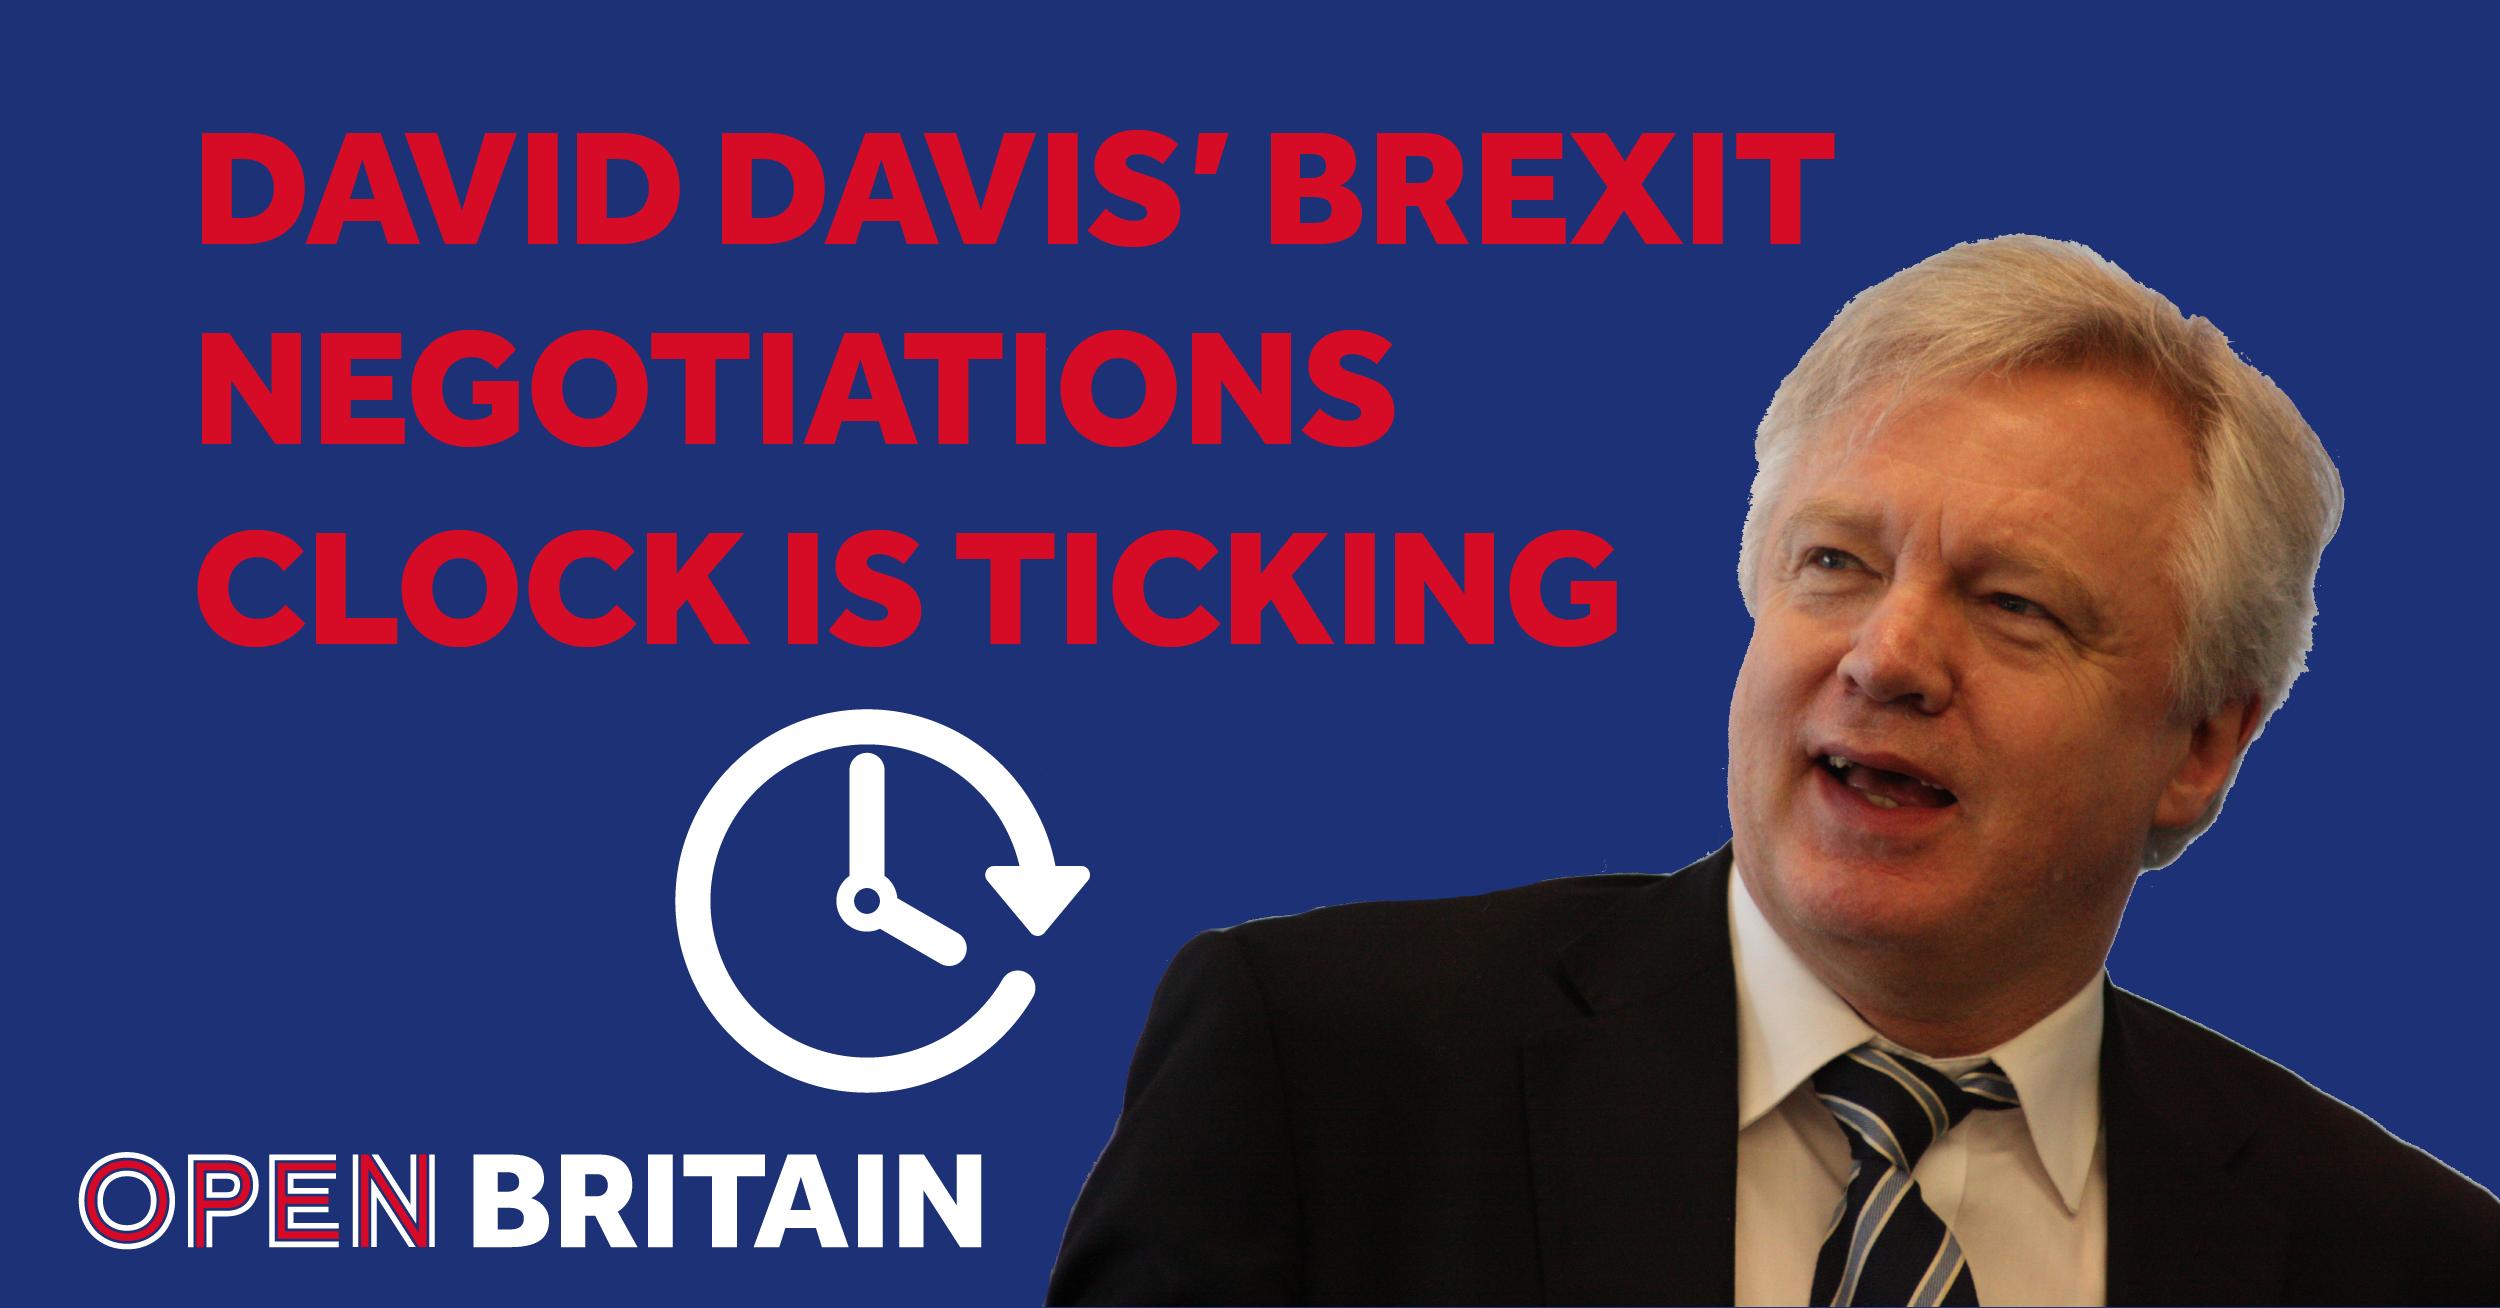 brexitclock_DD-03.png